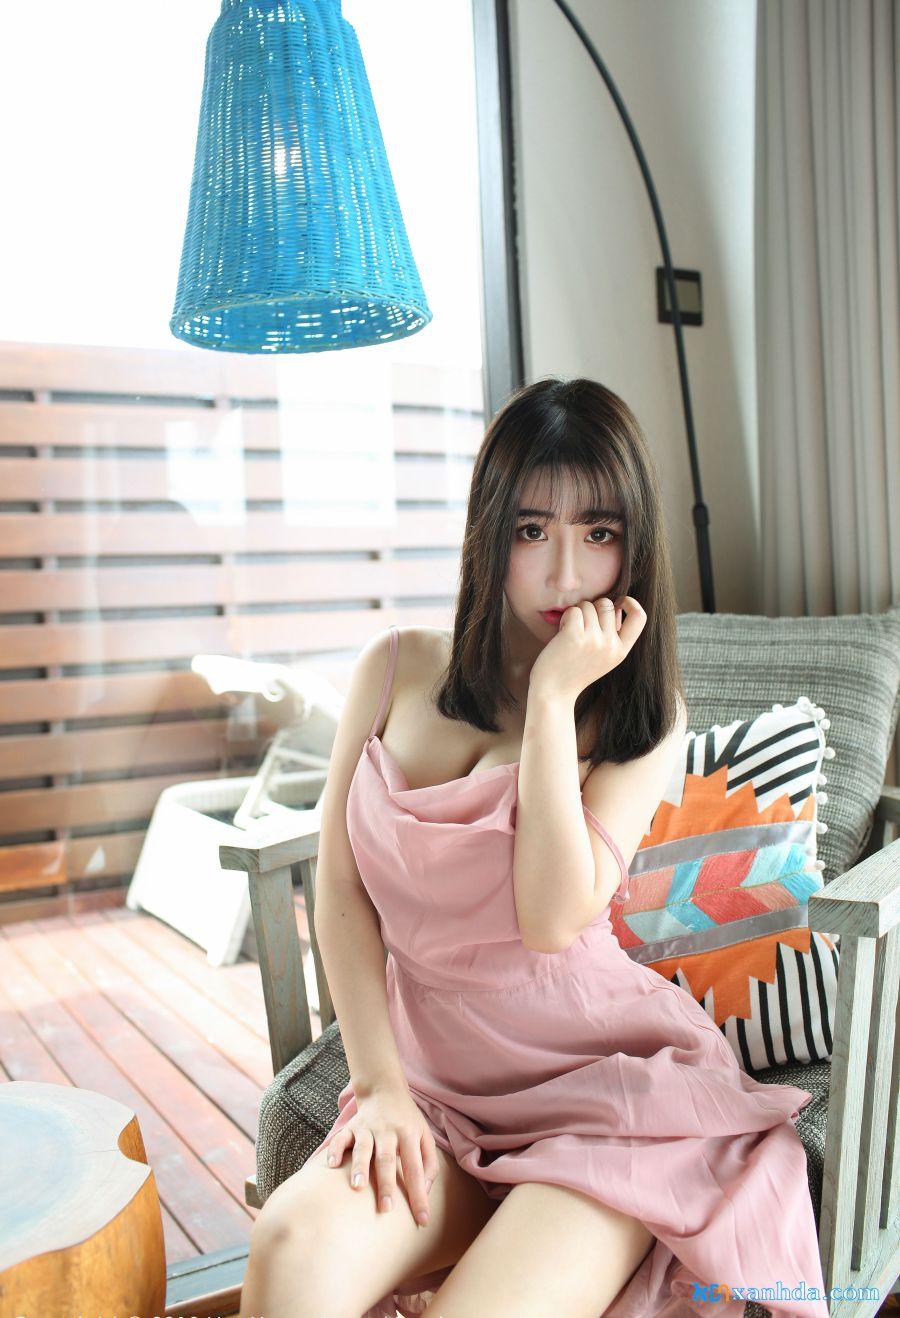 người đẹp mặc váy ngắn hồng